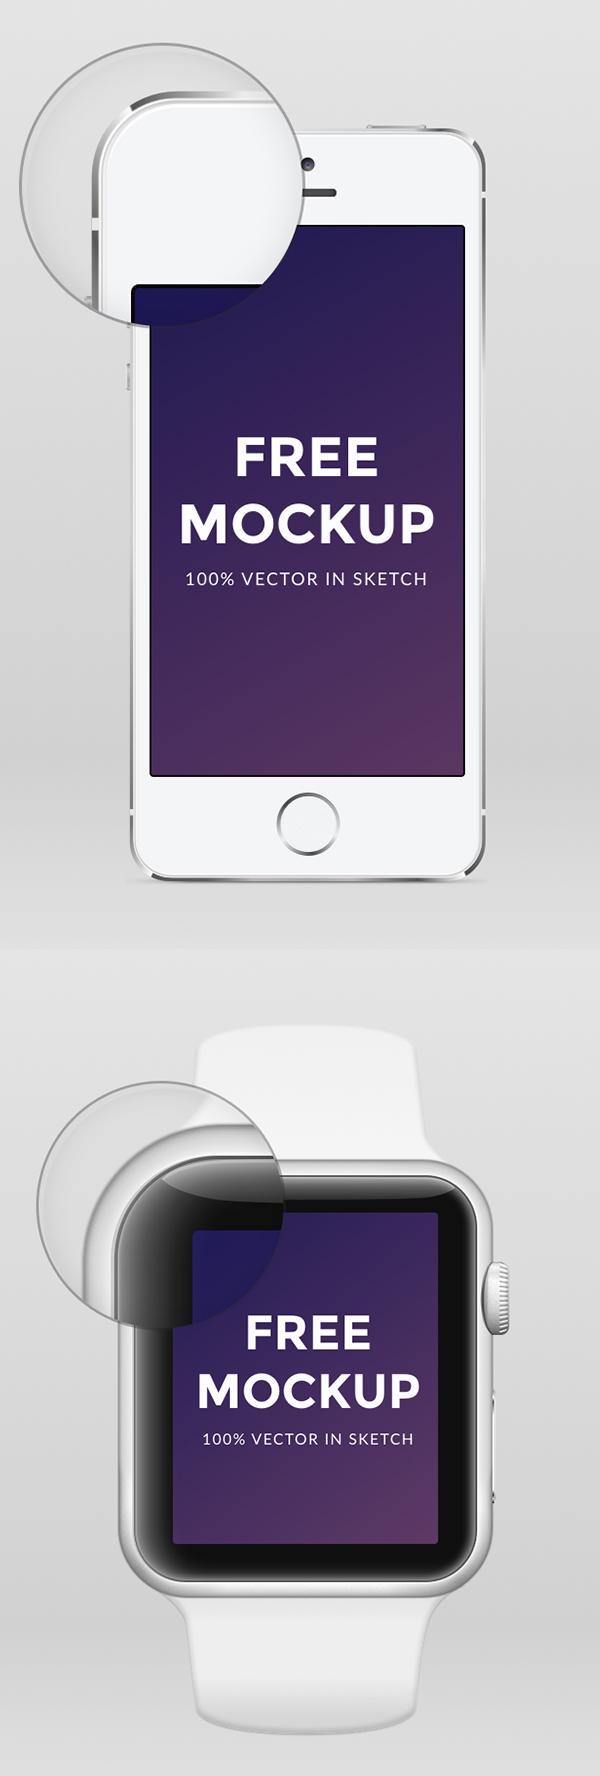 Apple Watch iPhone 6 y iPhone 5 .sketch Mockup gratis